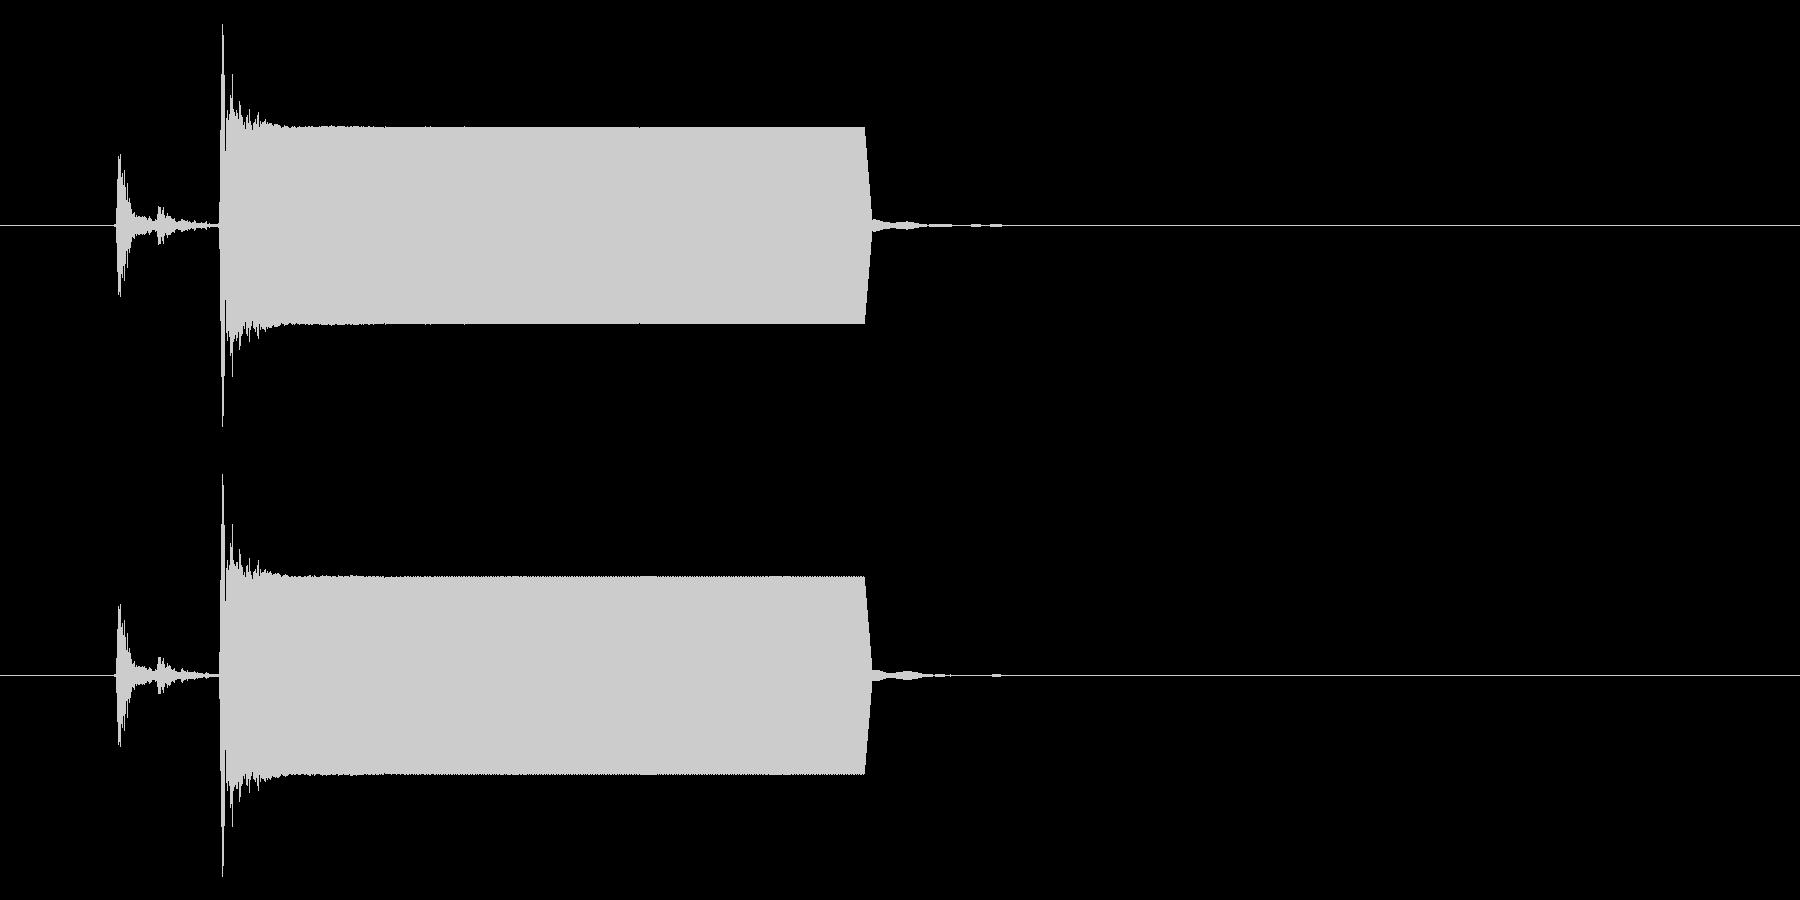 改札 ビープ音01-03(音色1)の未再生の波形